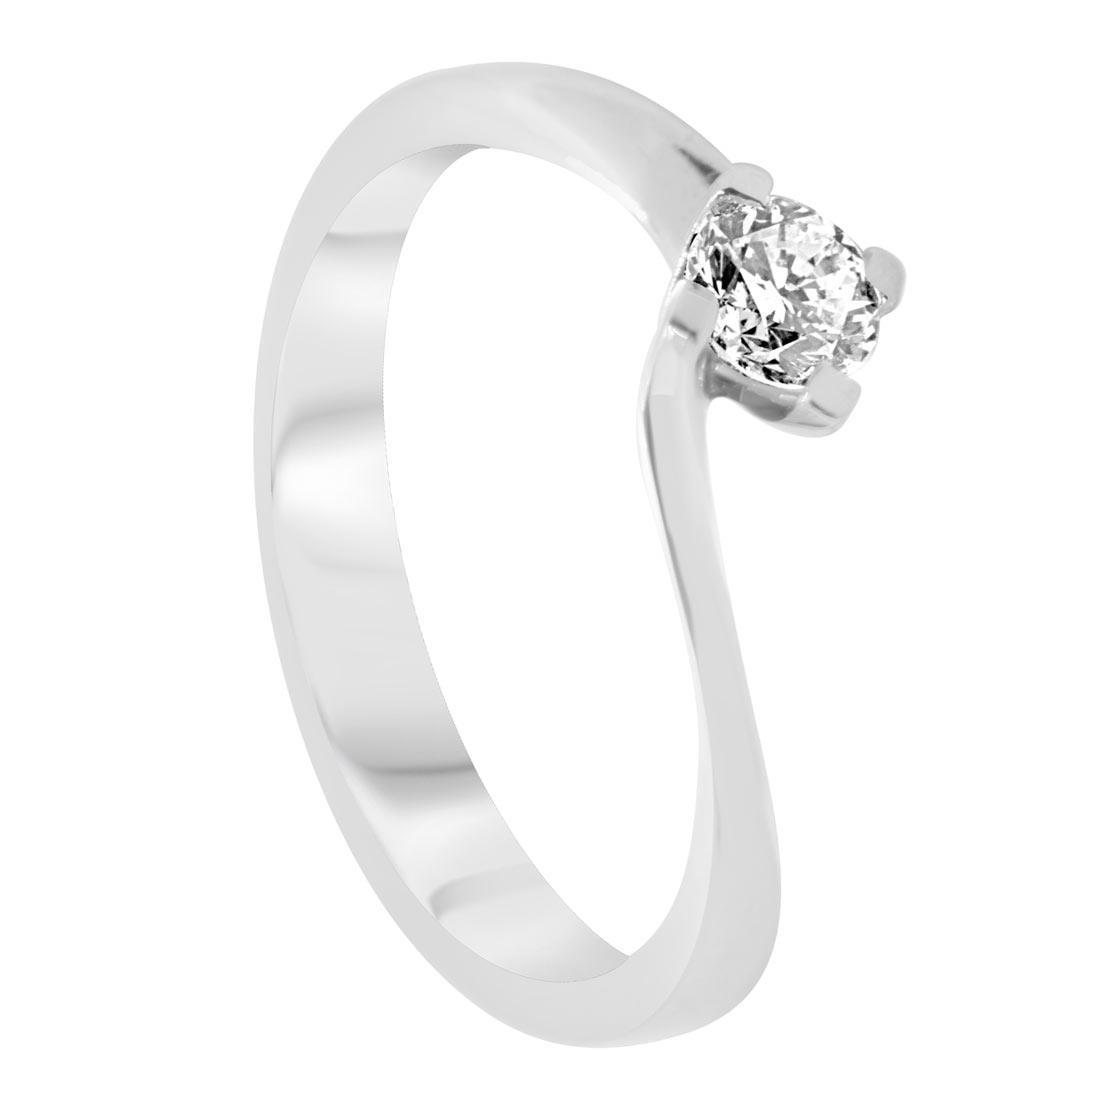 Anello solitario in oro bianco con diamante 0,25 ct mis 15 - ORO&CO